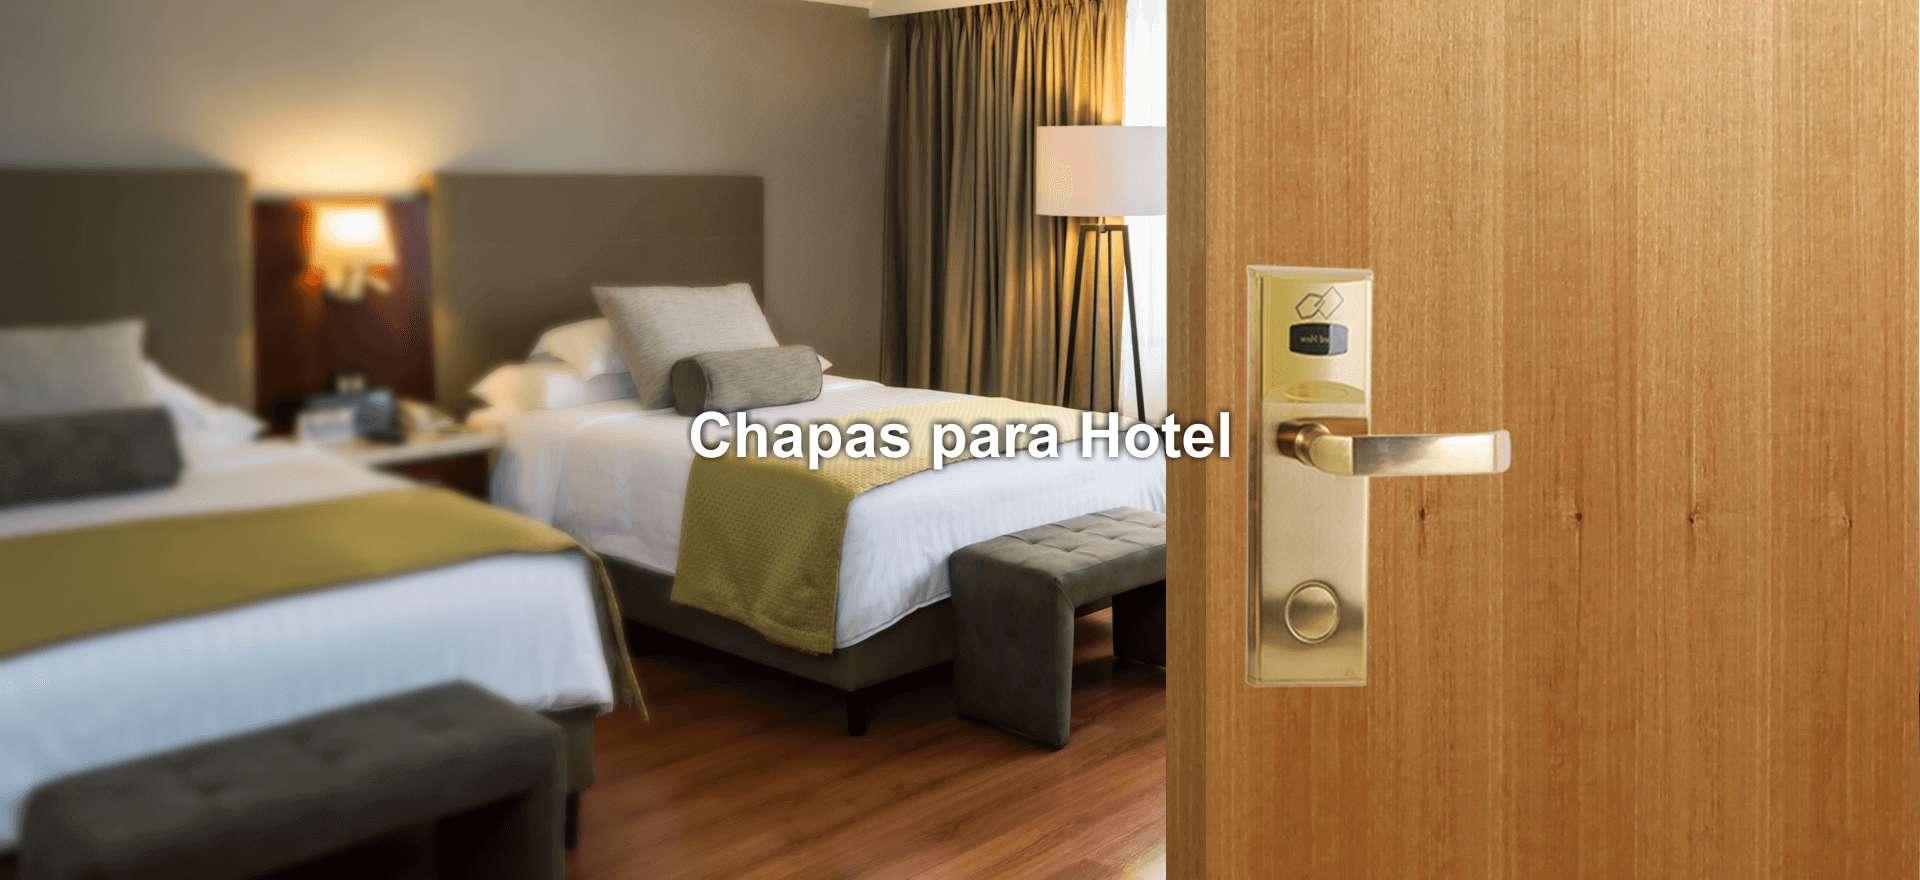 Chapas y Cerraduras Electrónicas para Hotel en Ixtapa Zihuatanejo, Guerrero y Lázaro Cárdenas, Michoacán